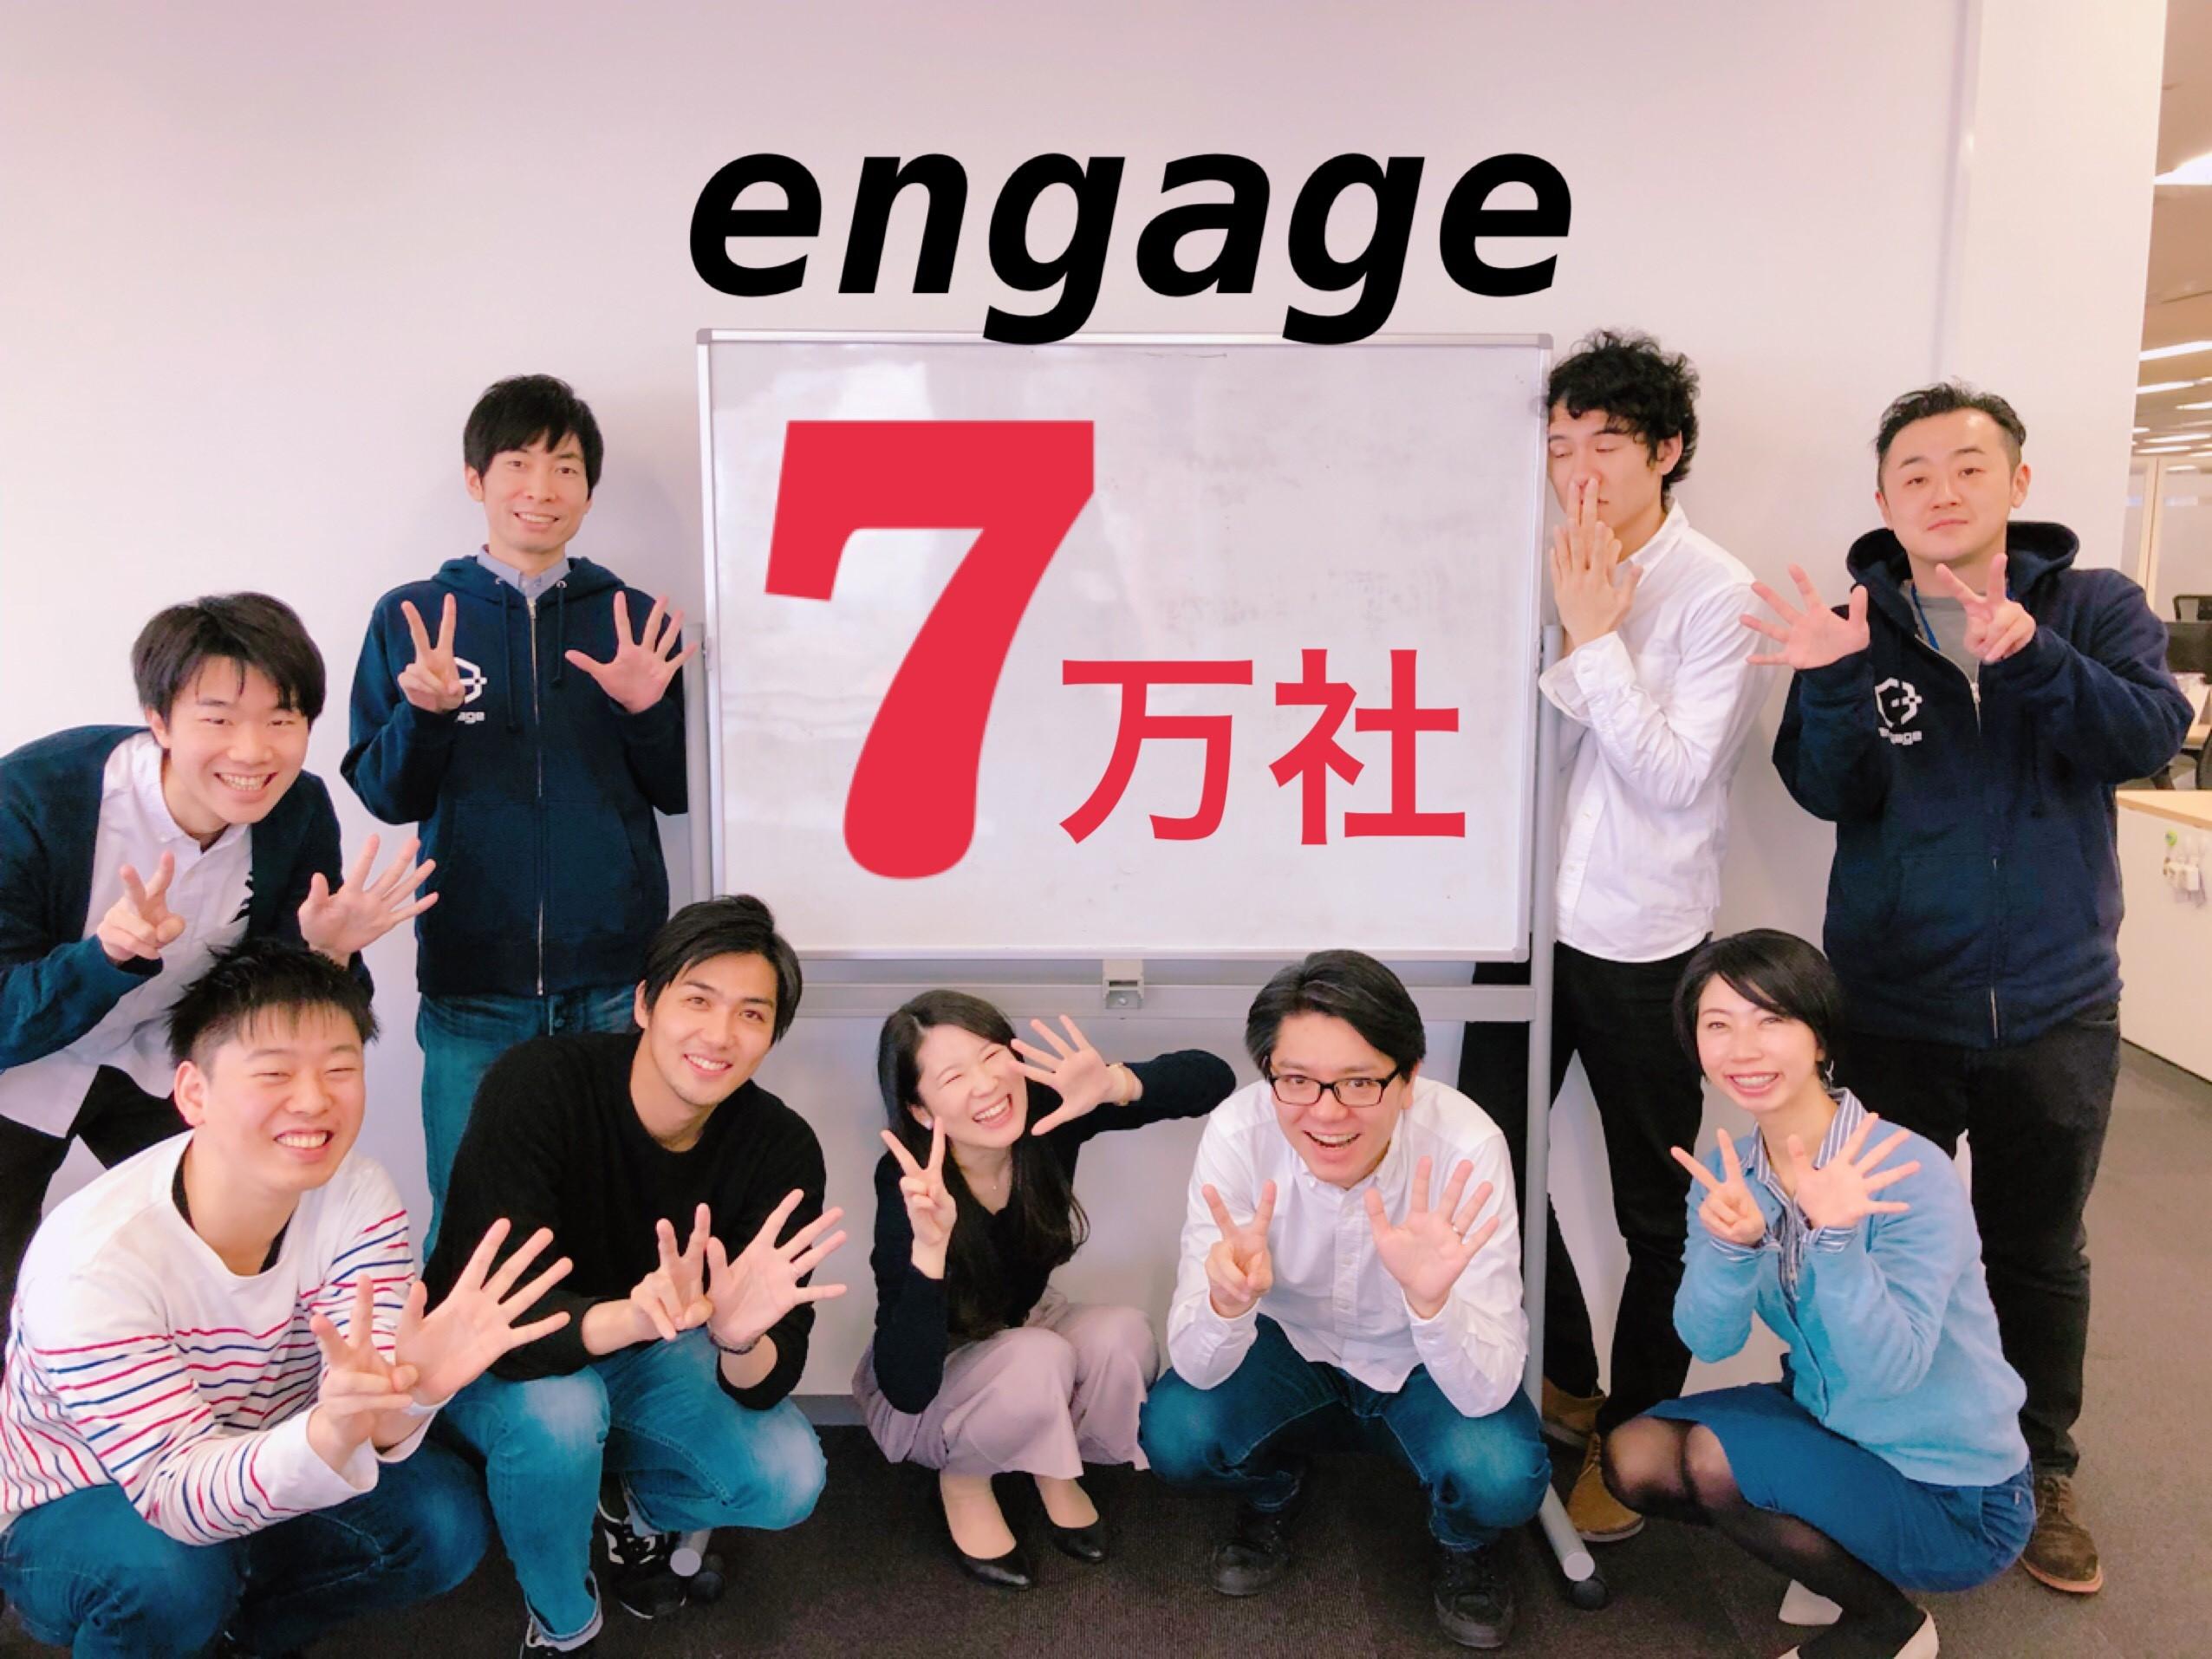 【engage】7万社を突破しました!!